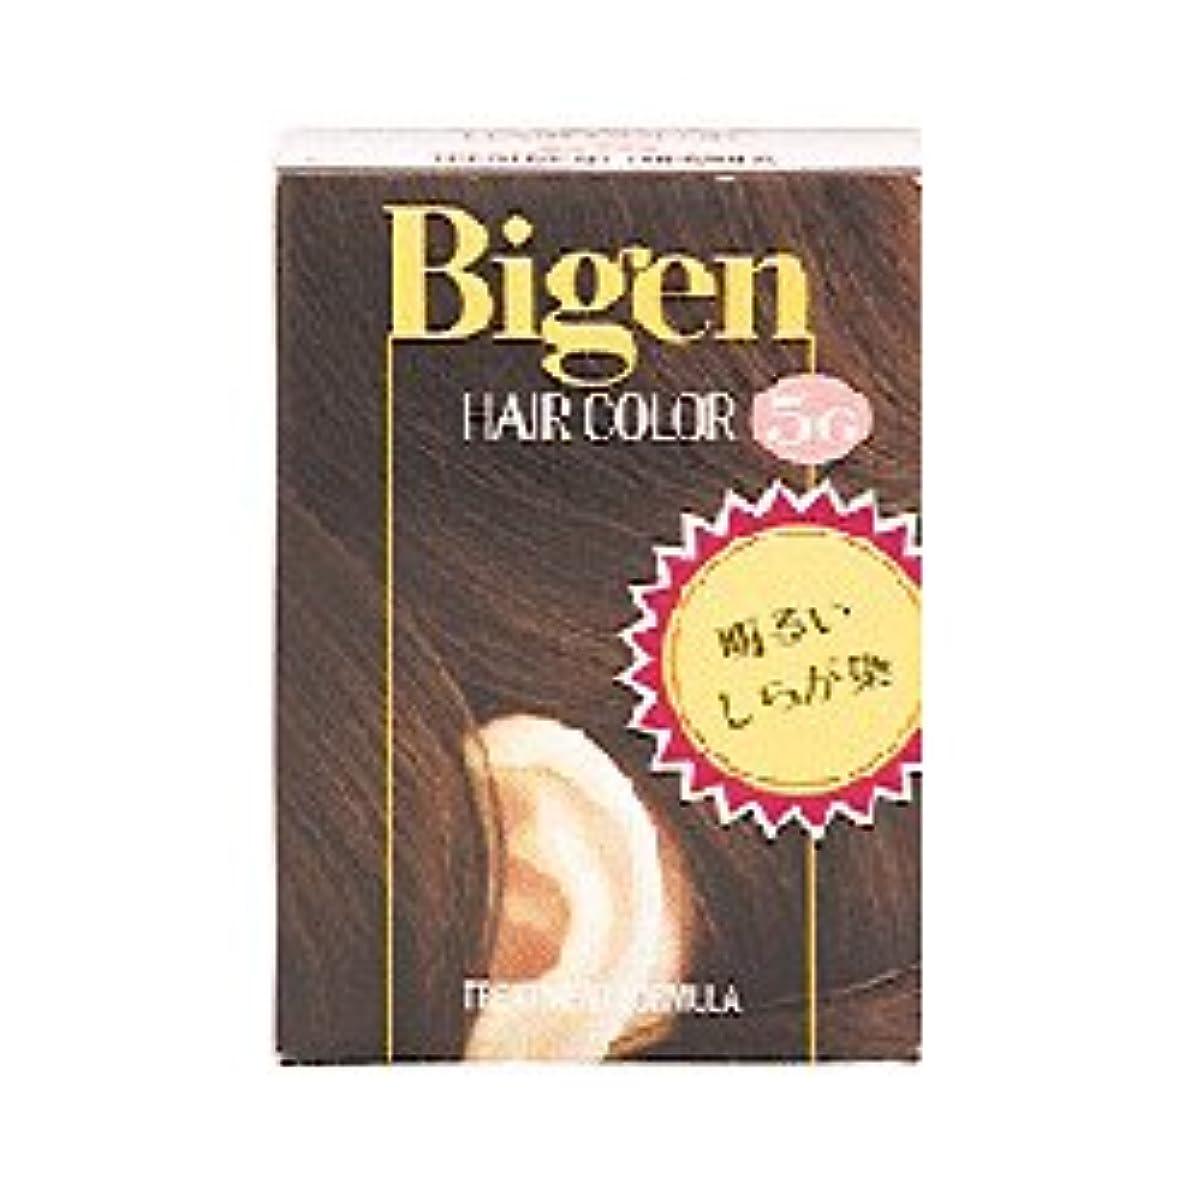 左熱緩めるビゲンヘアカラー 5G 深い栗色 (40g+40g)